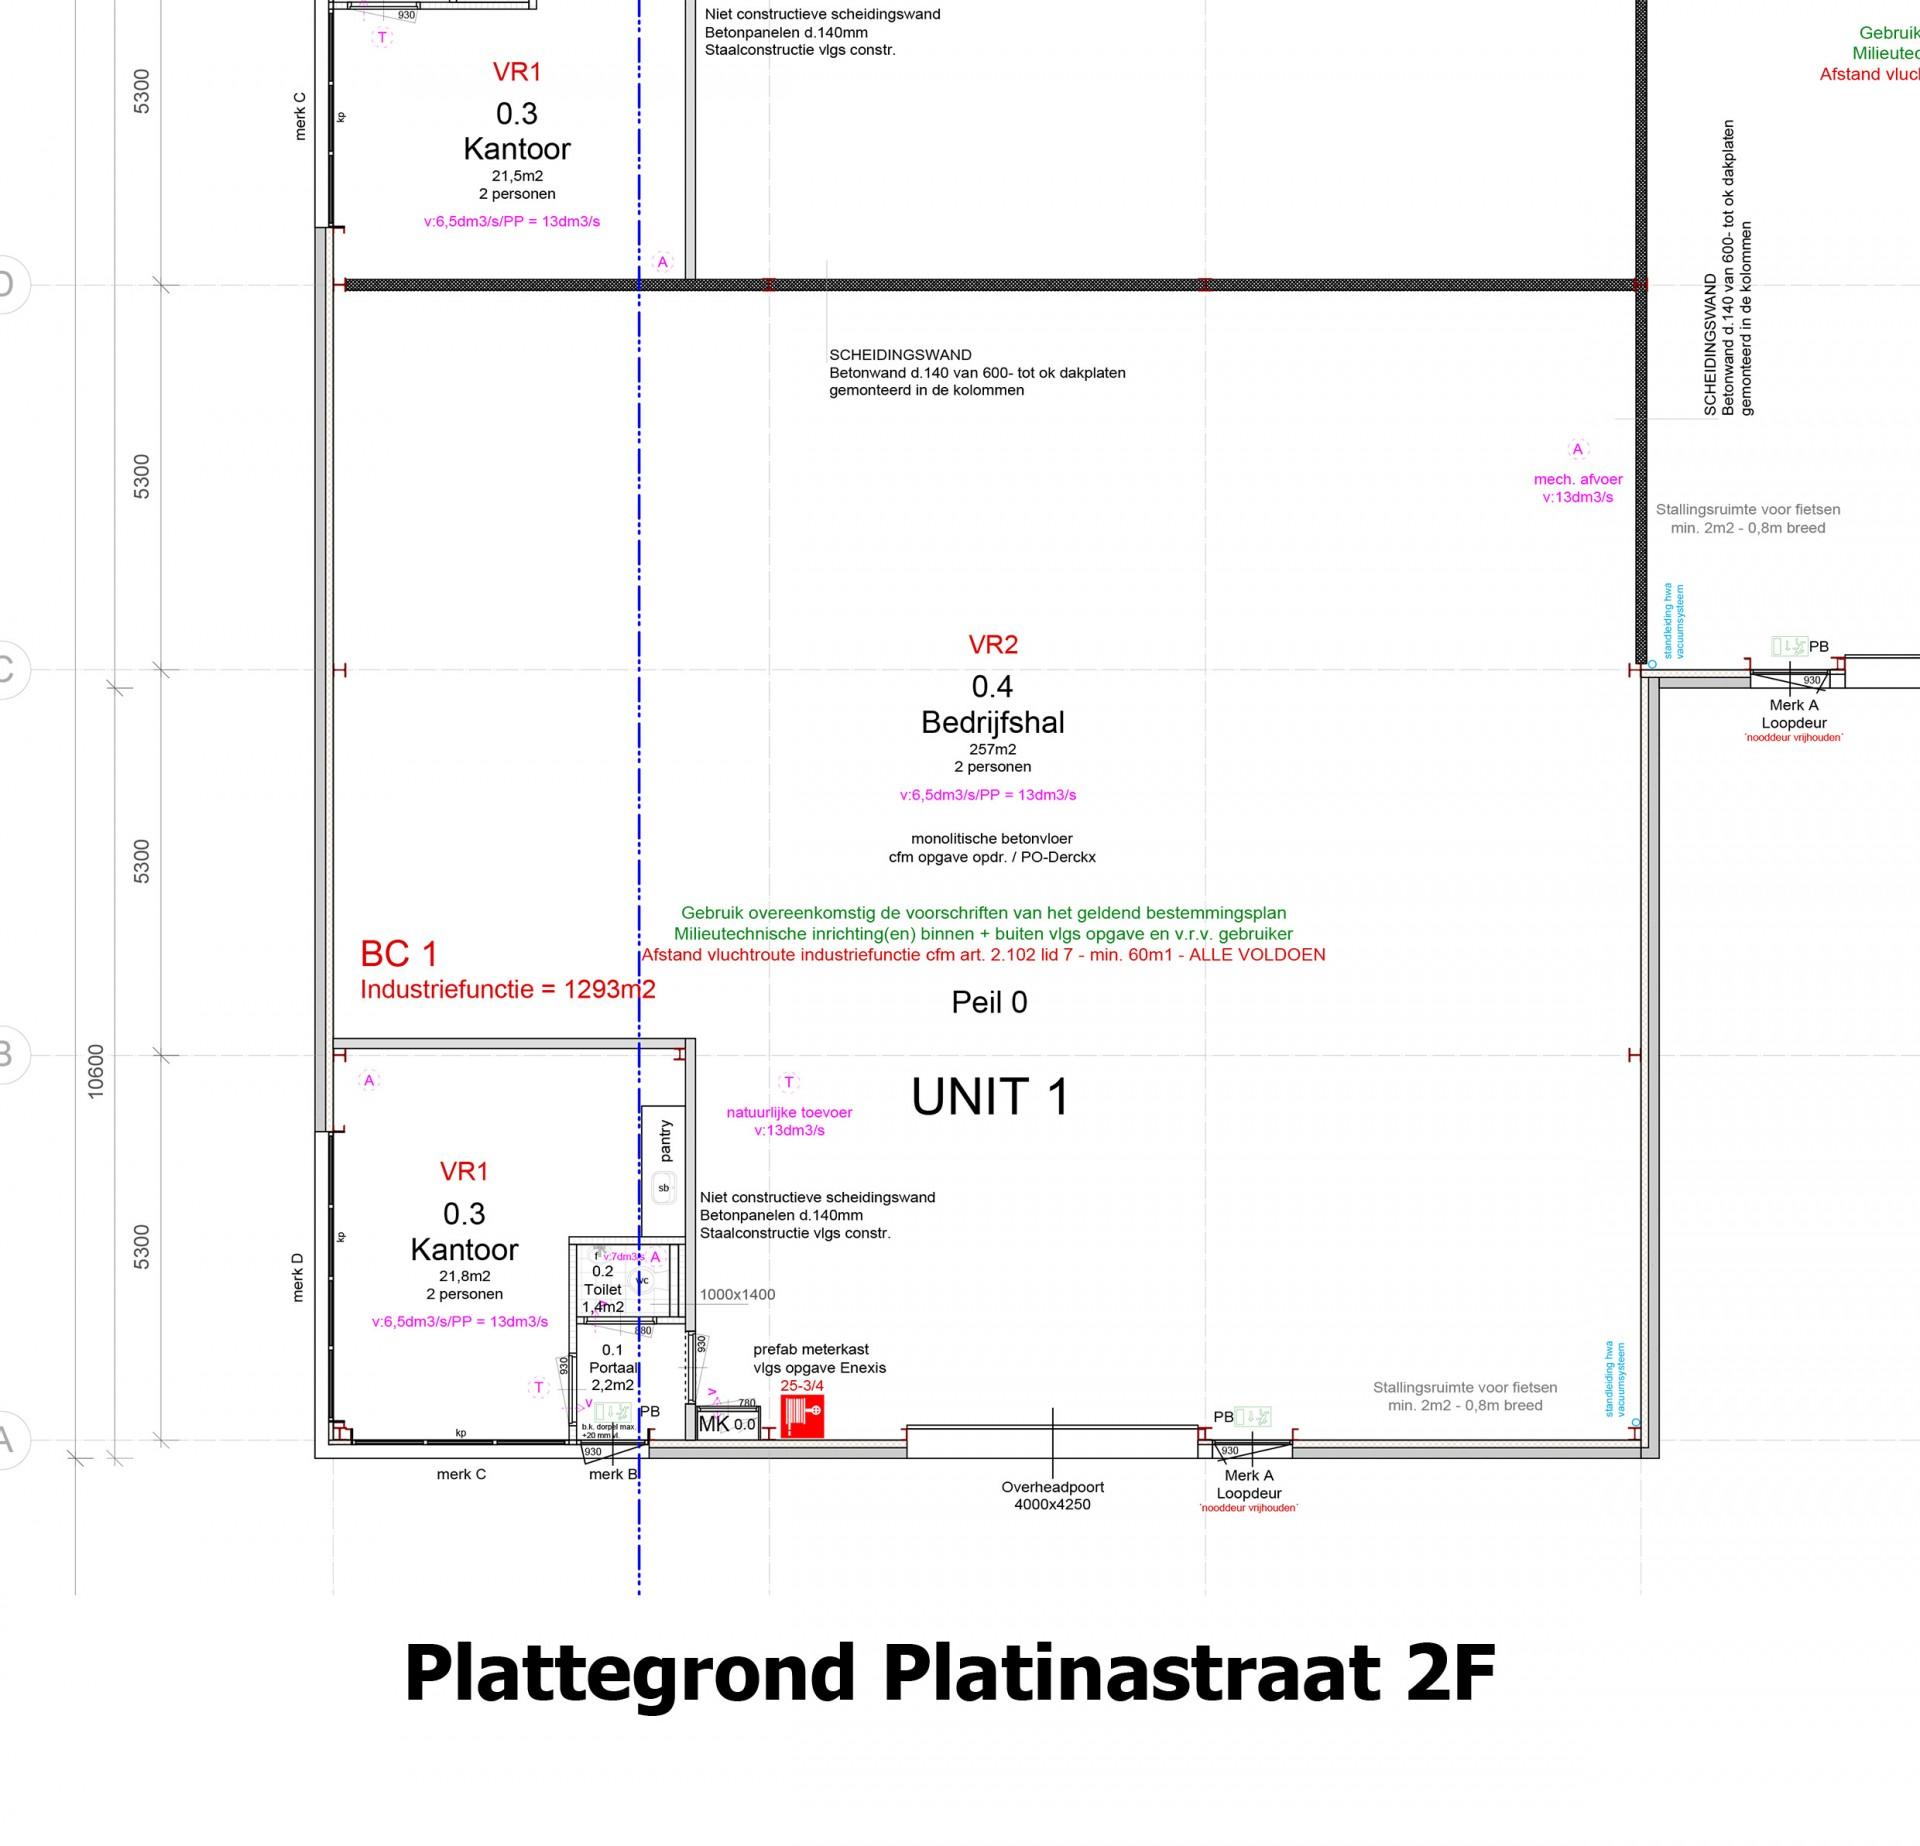 Plattegrond Platinastraat 2 F